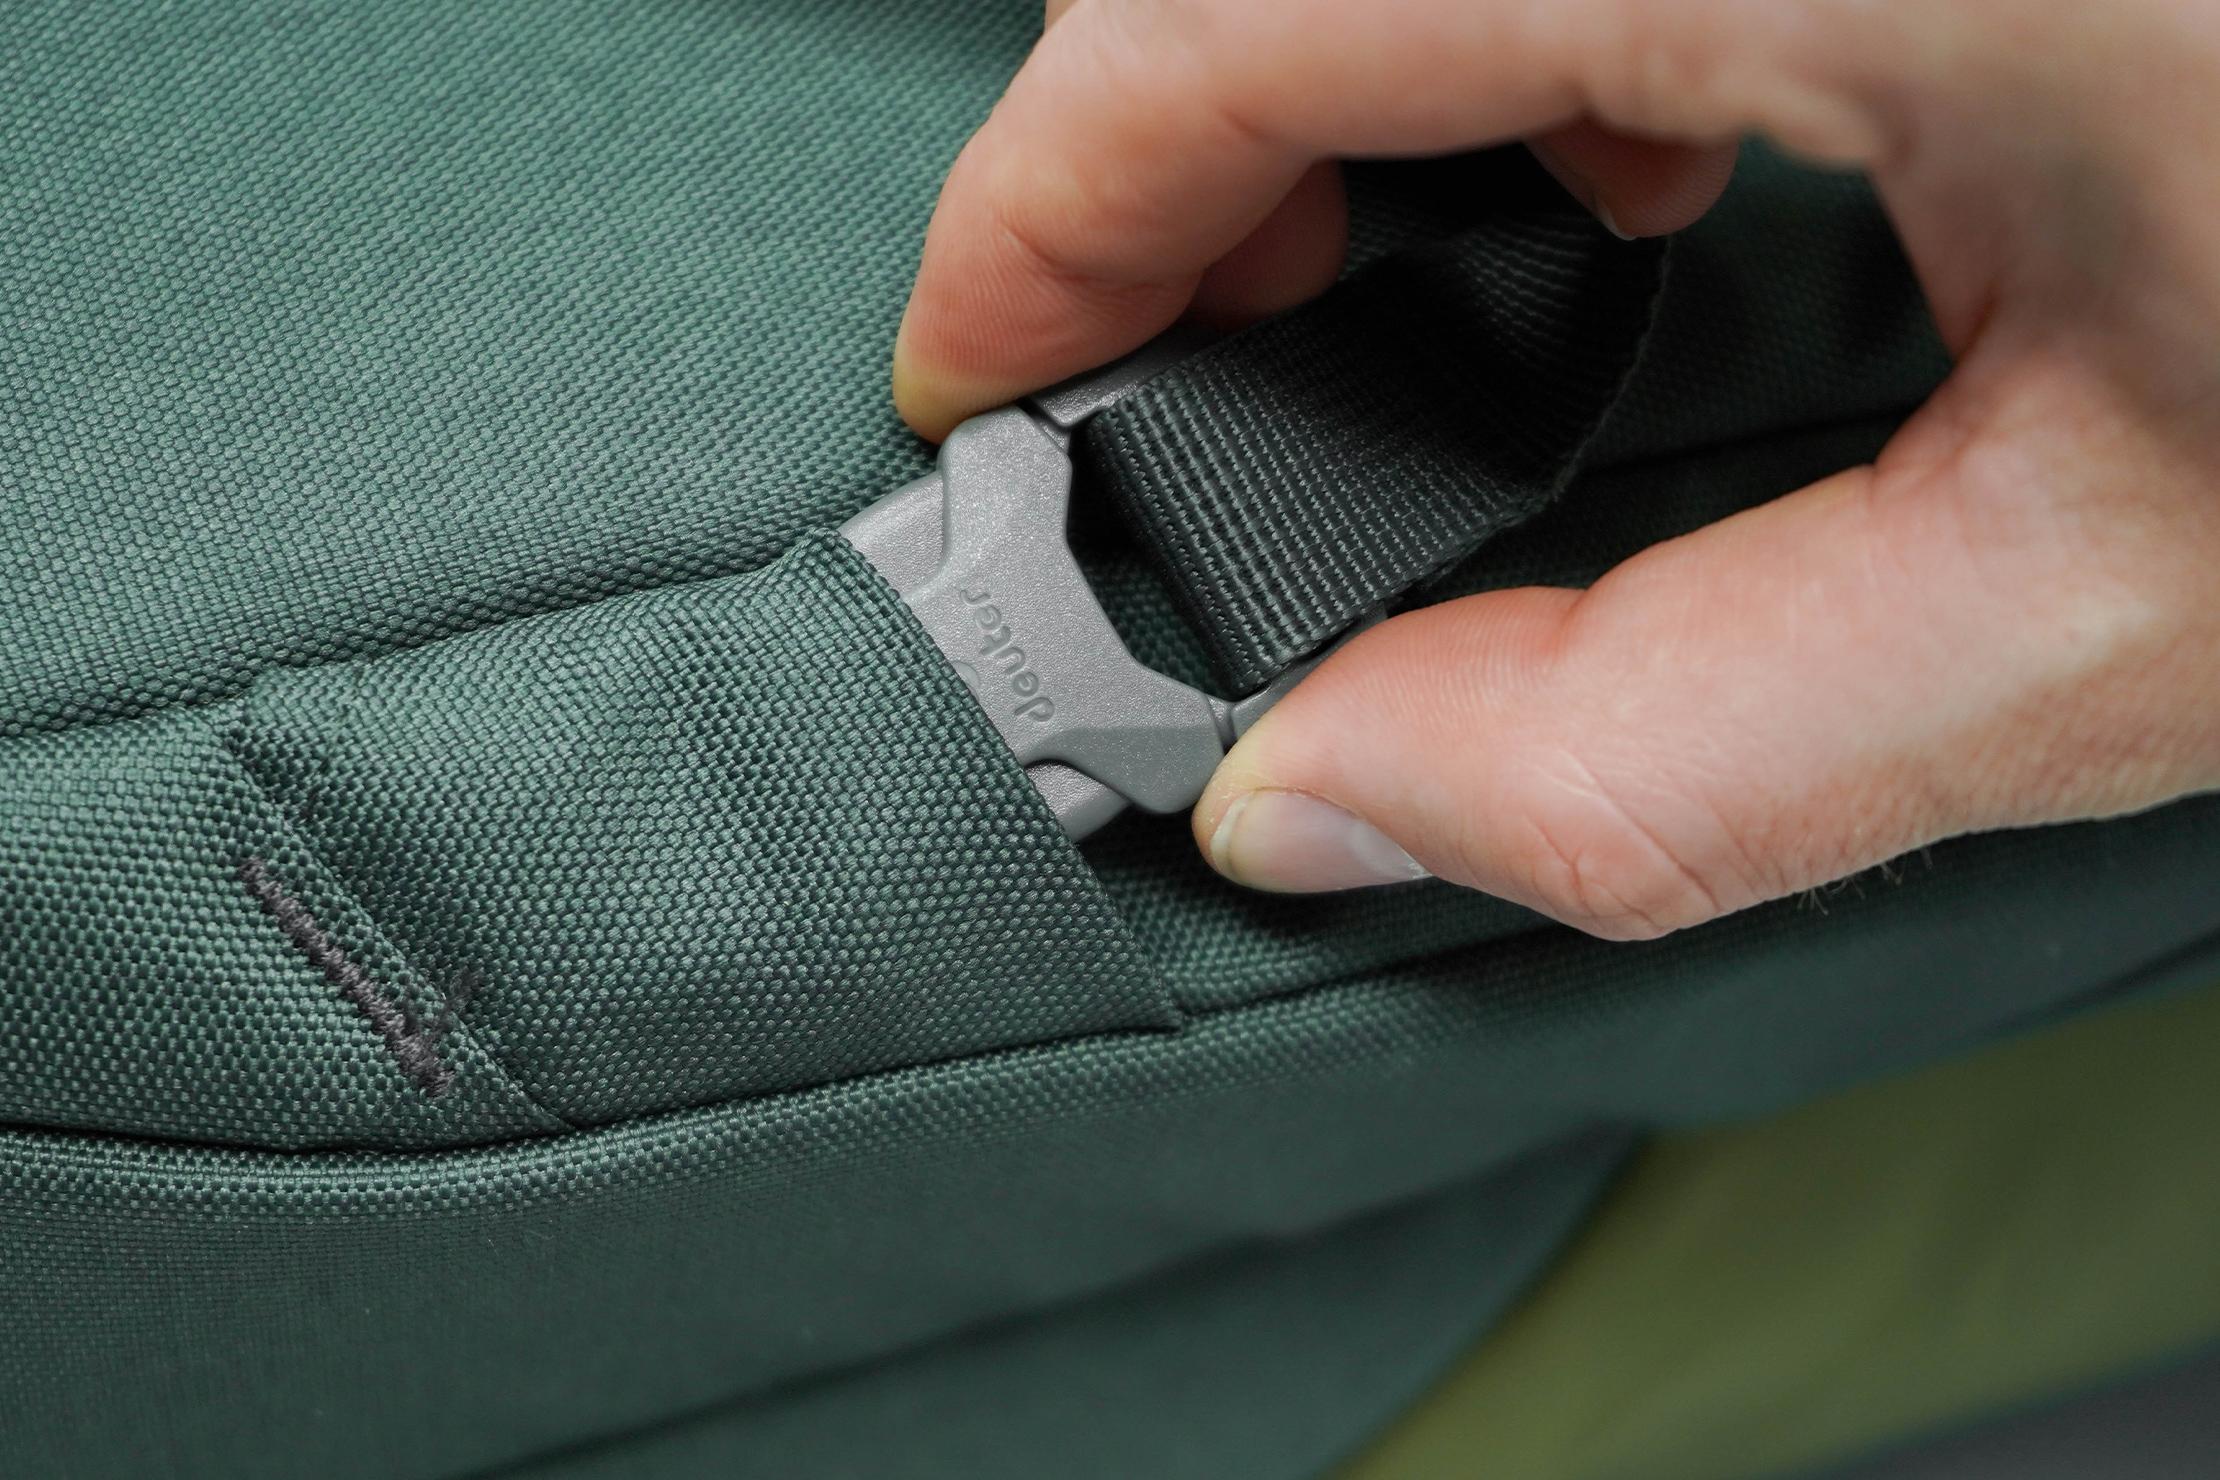 Deuter AViANT Carry On Pro 36 Shoulder Strap Attachment